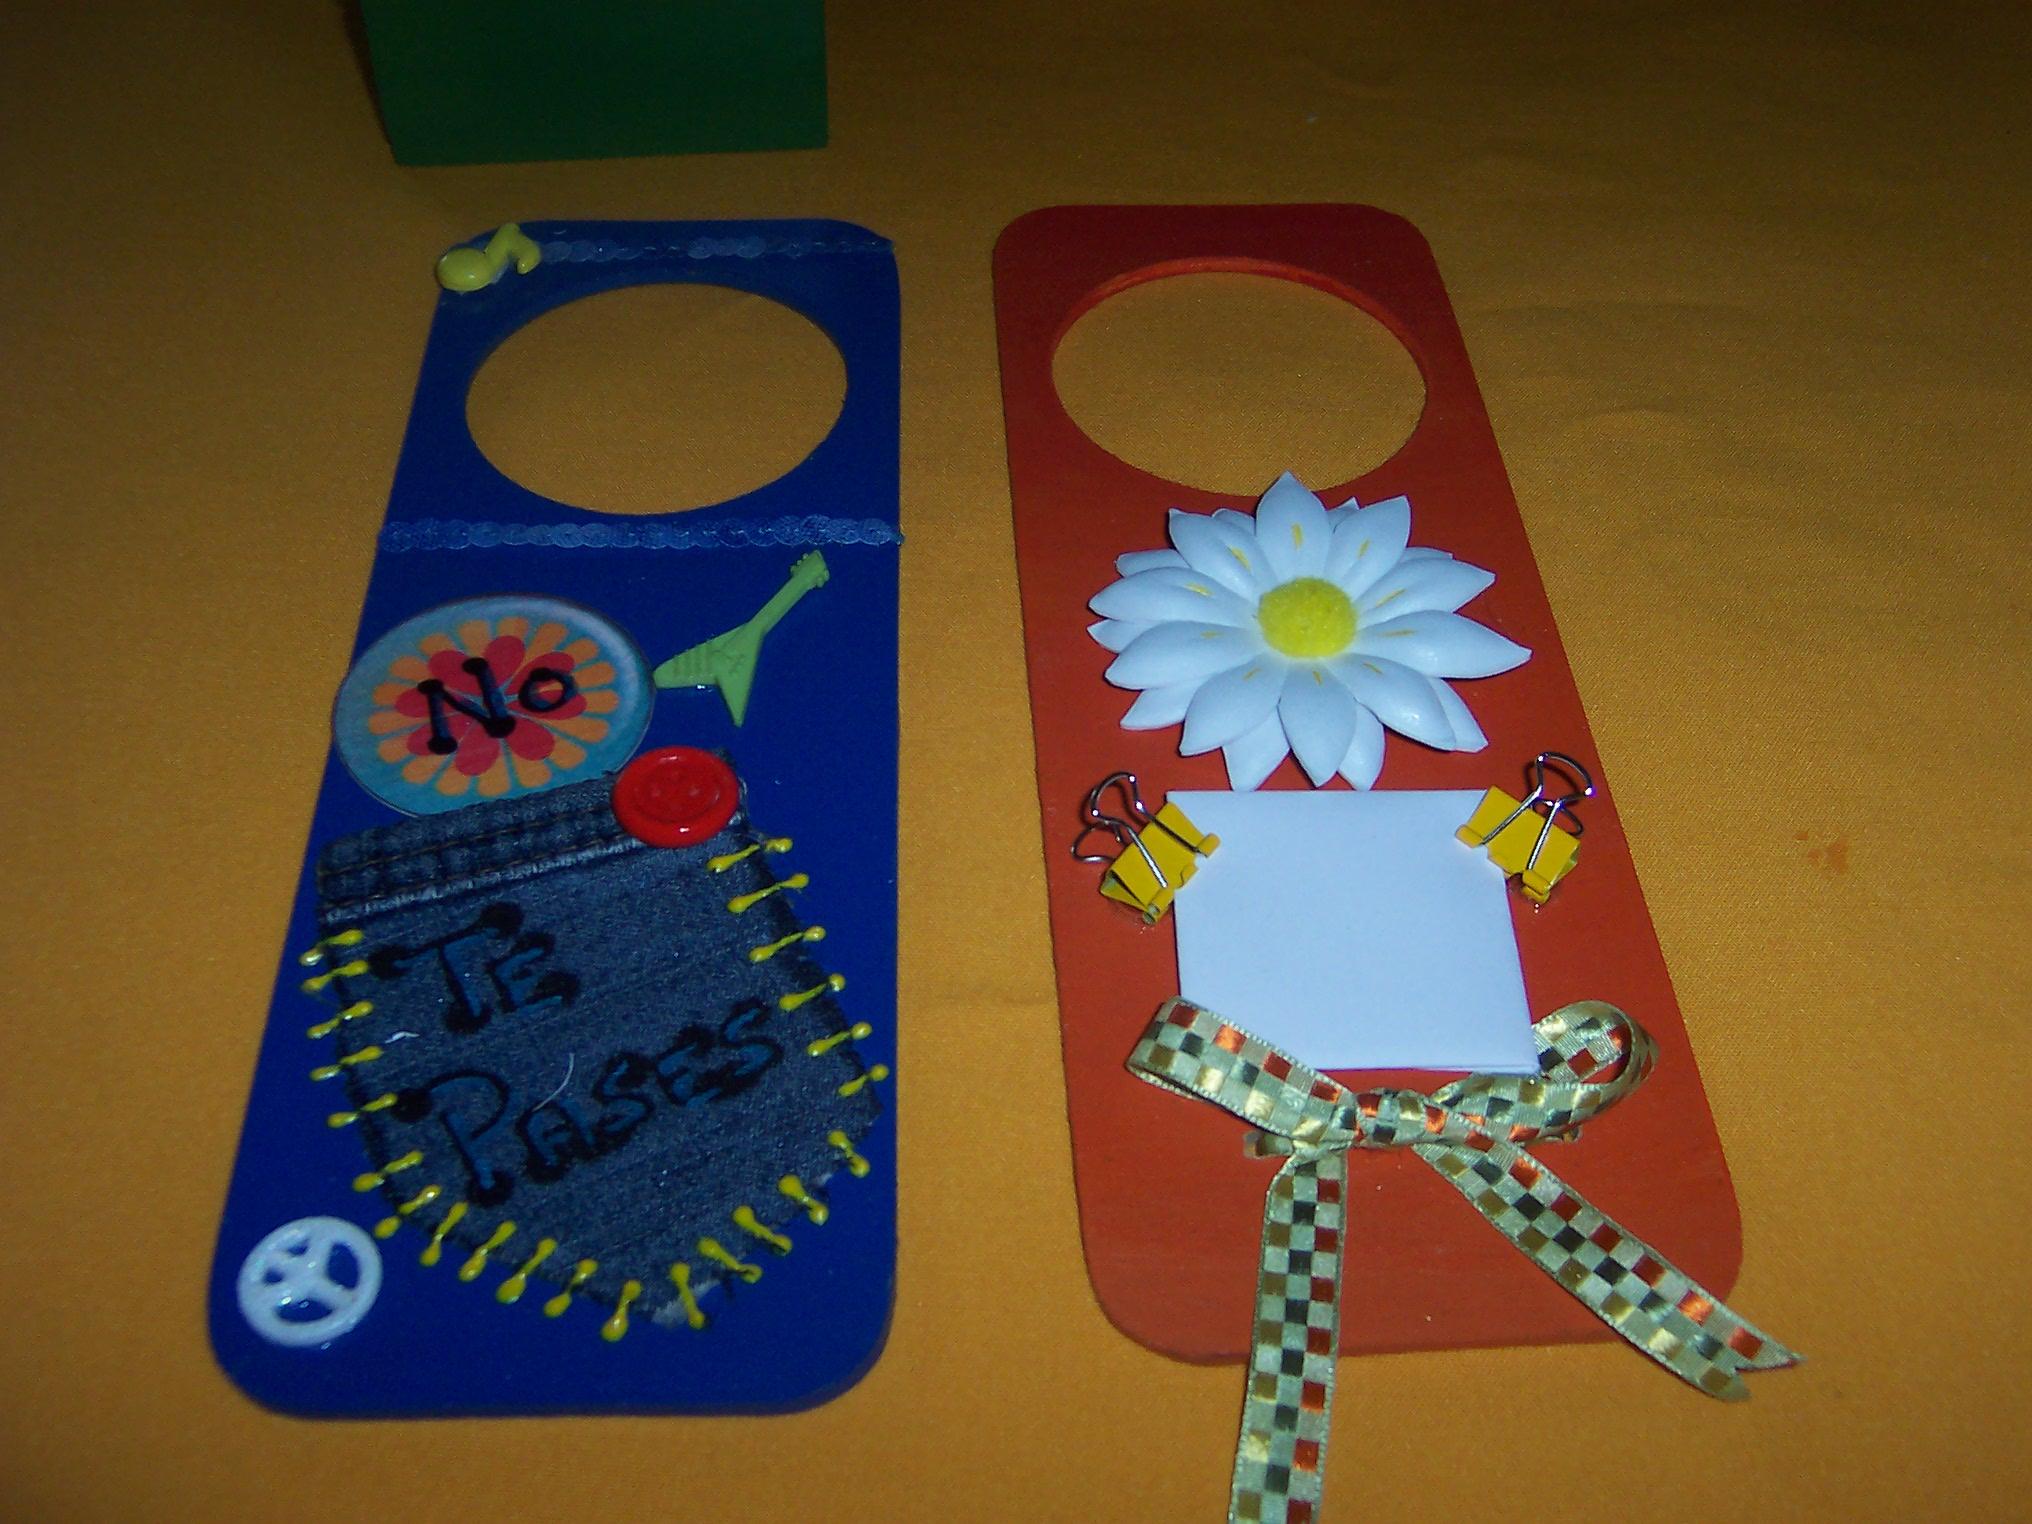 Creatividad y reciclaje manualidades con reciclaje for Reciclaje manualidades decoracion